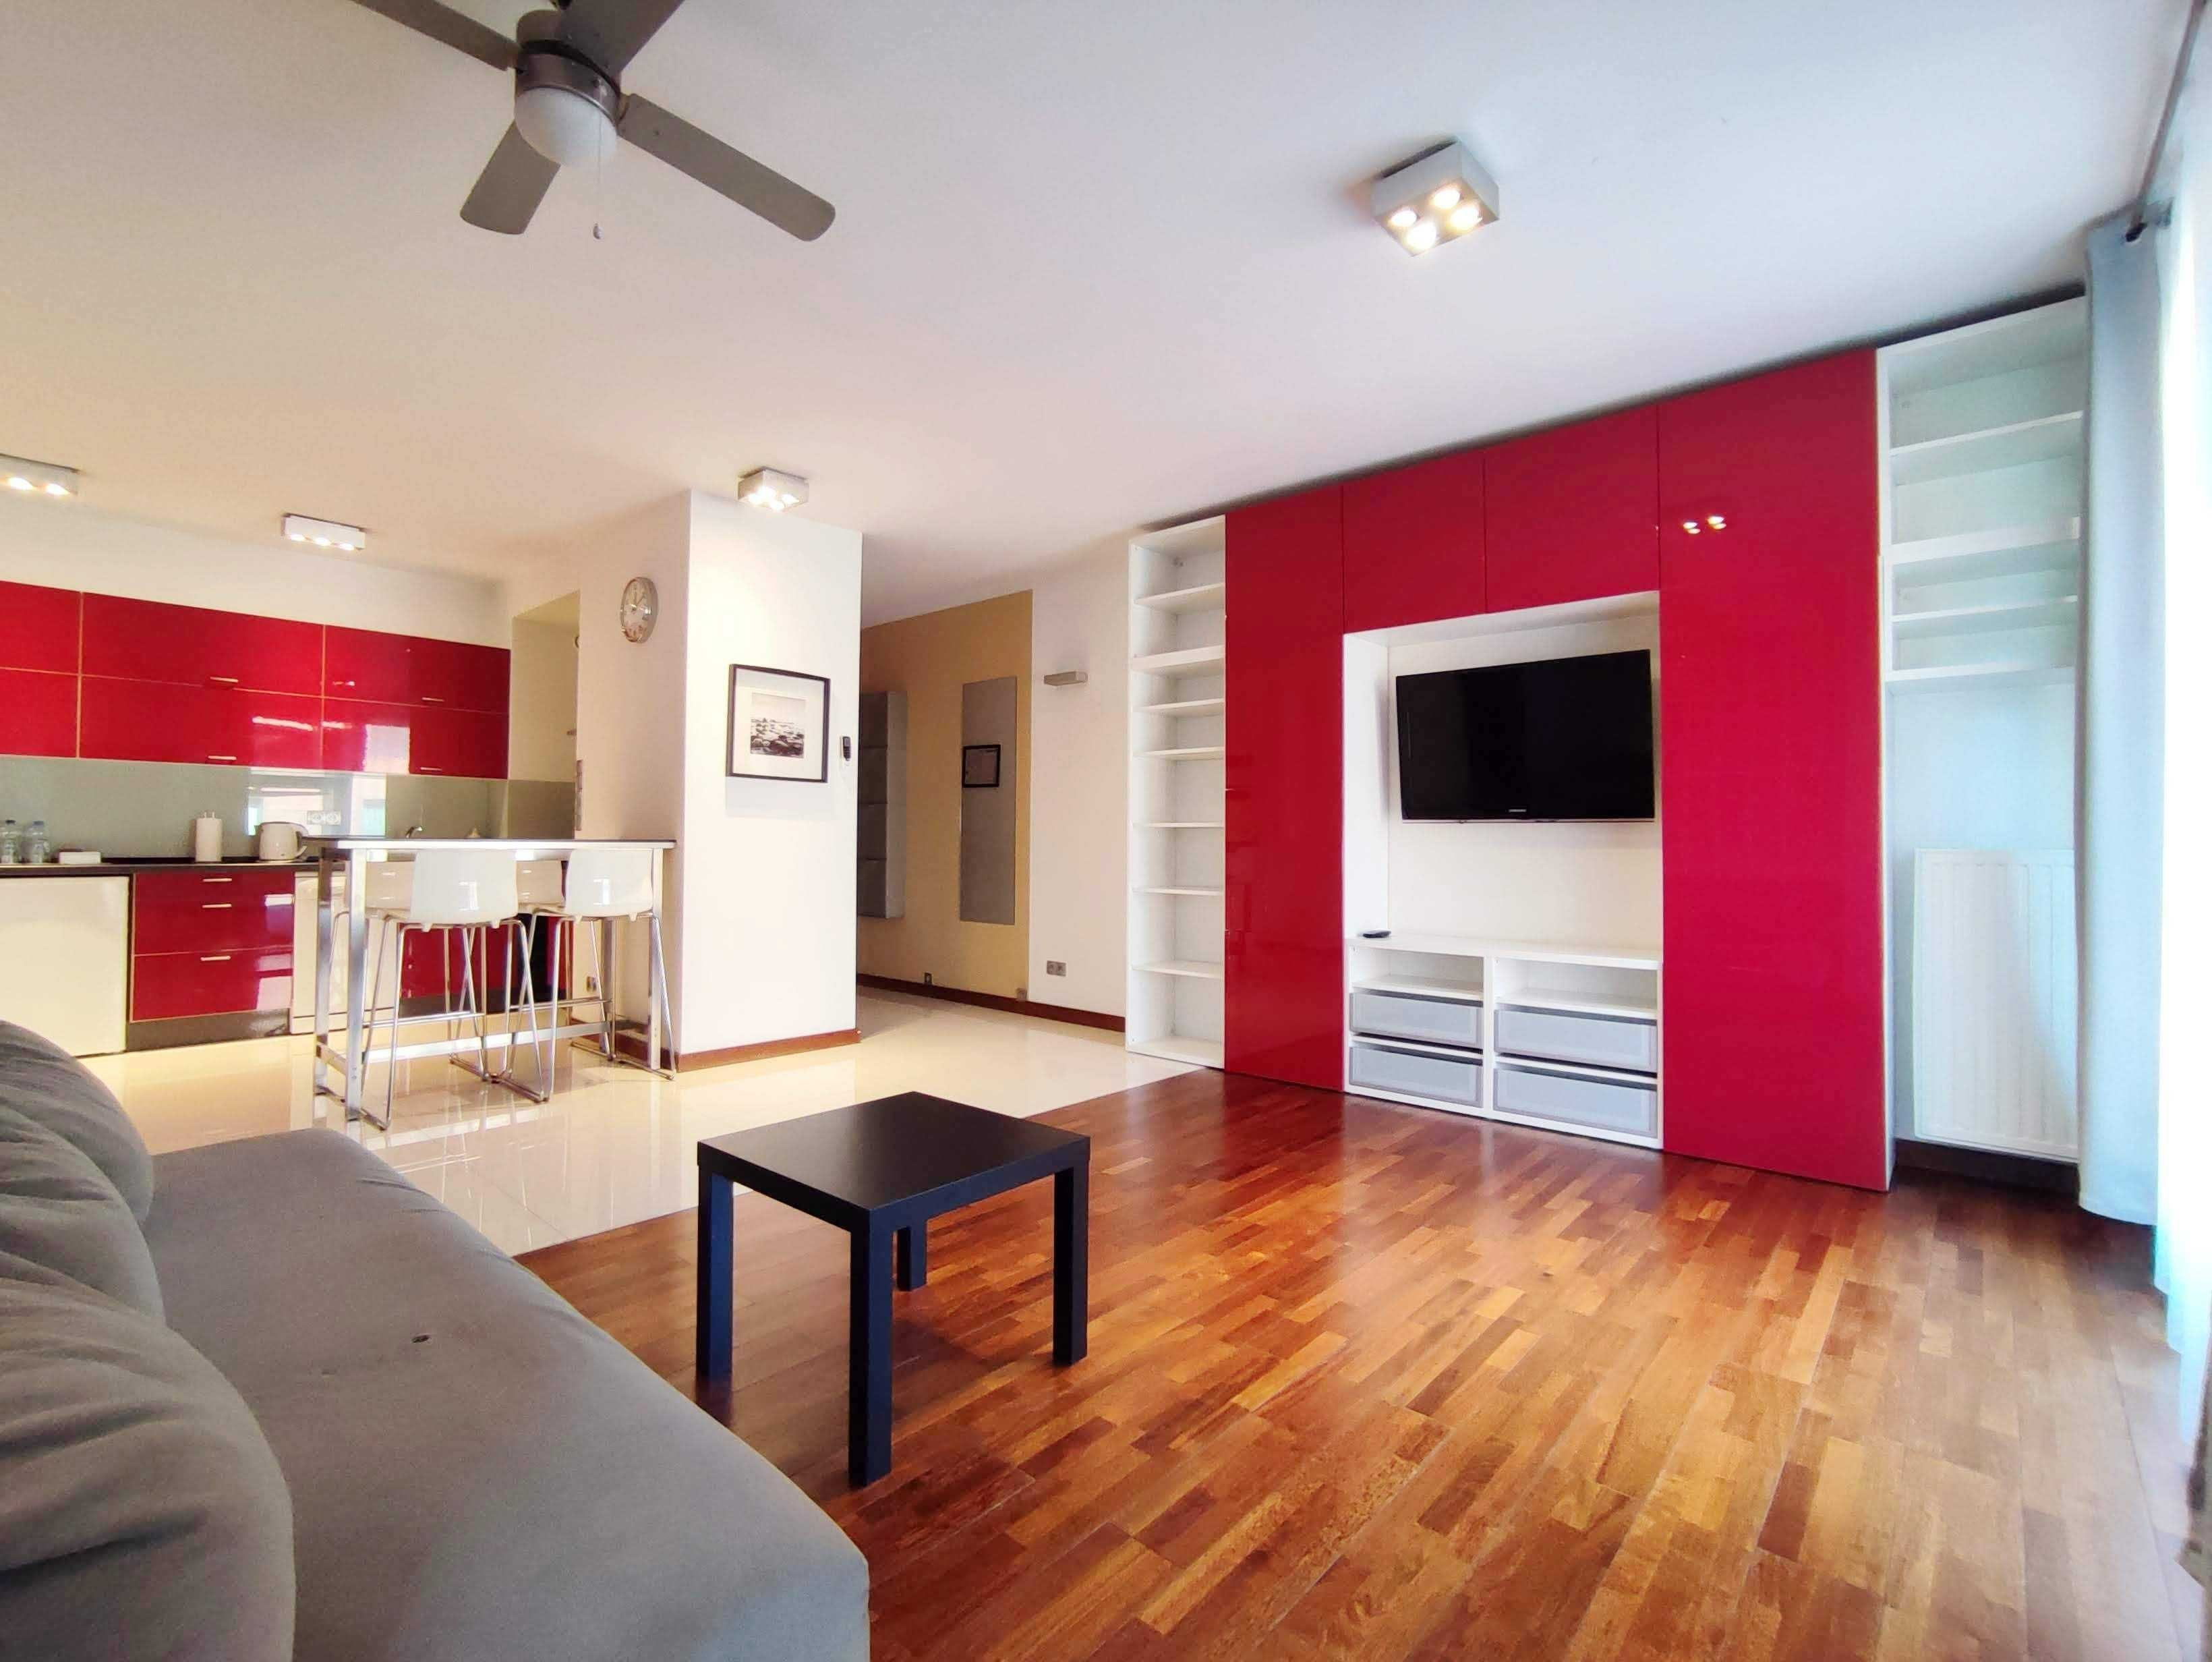 Atrakcyjny dwupokojowy apartament w samym centrum - Angel City AC018